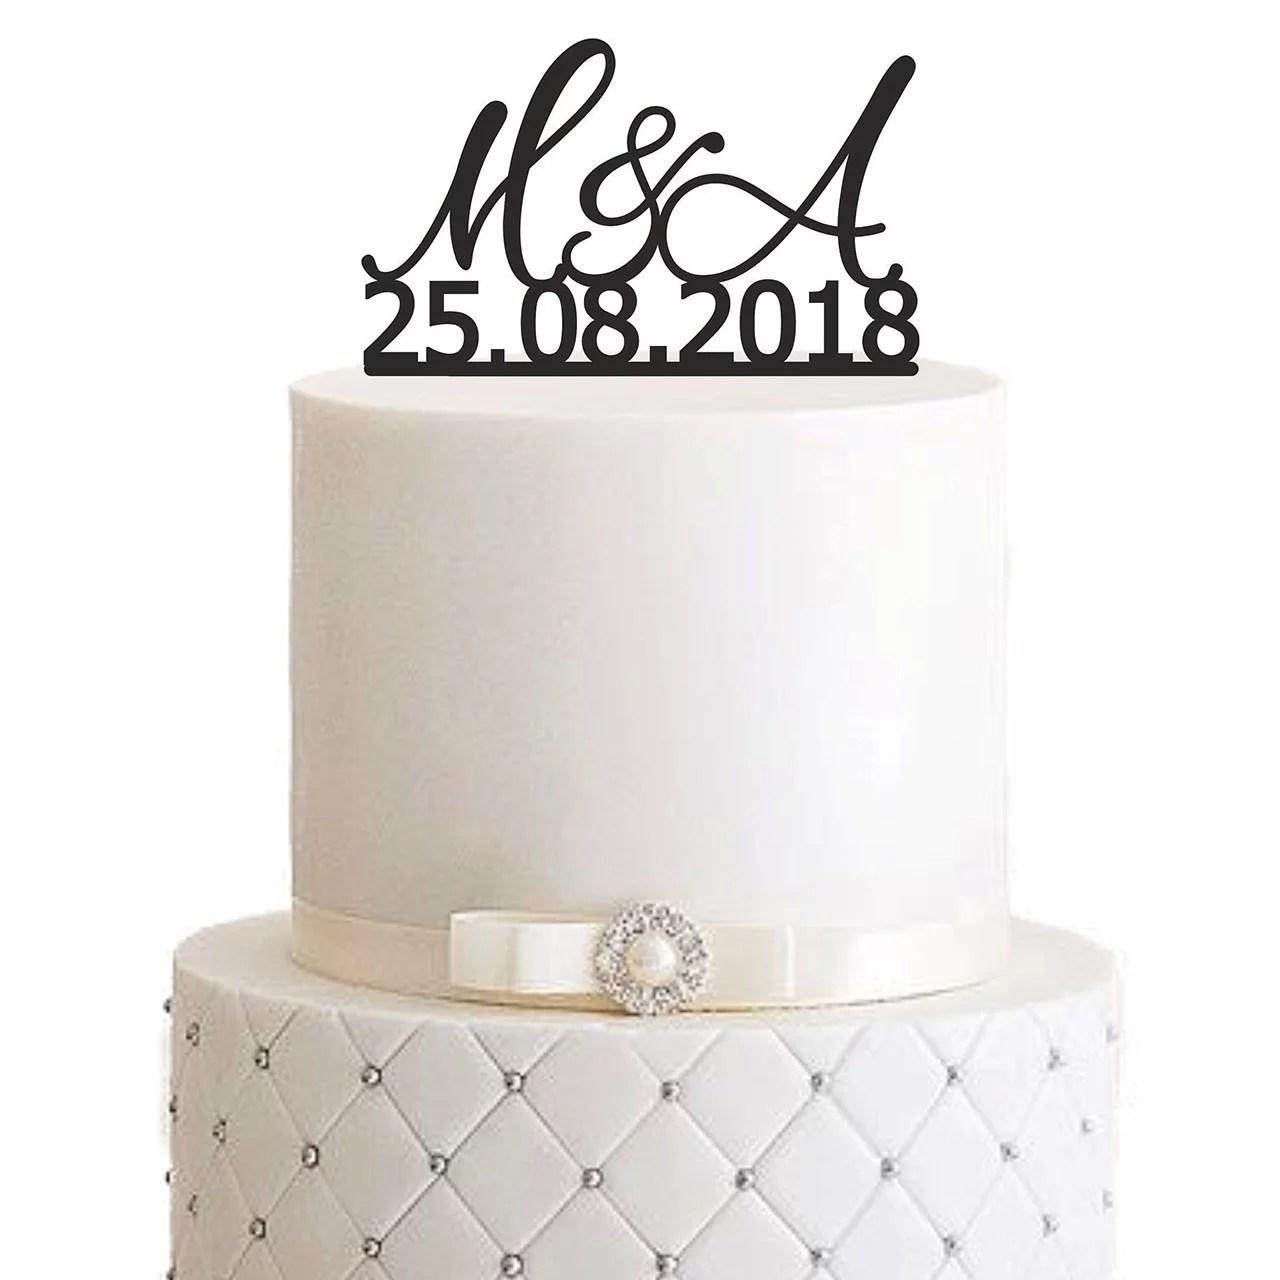 Cake Topper fr Ihre Hochzeit  MANSCHIN LASERDESIGN